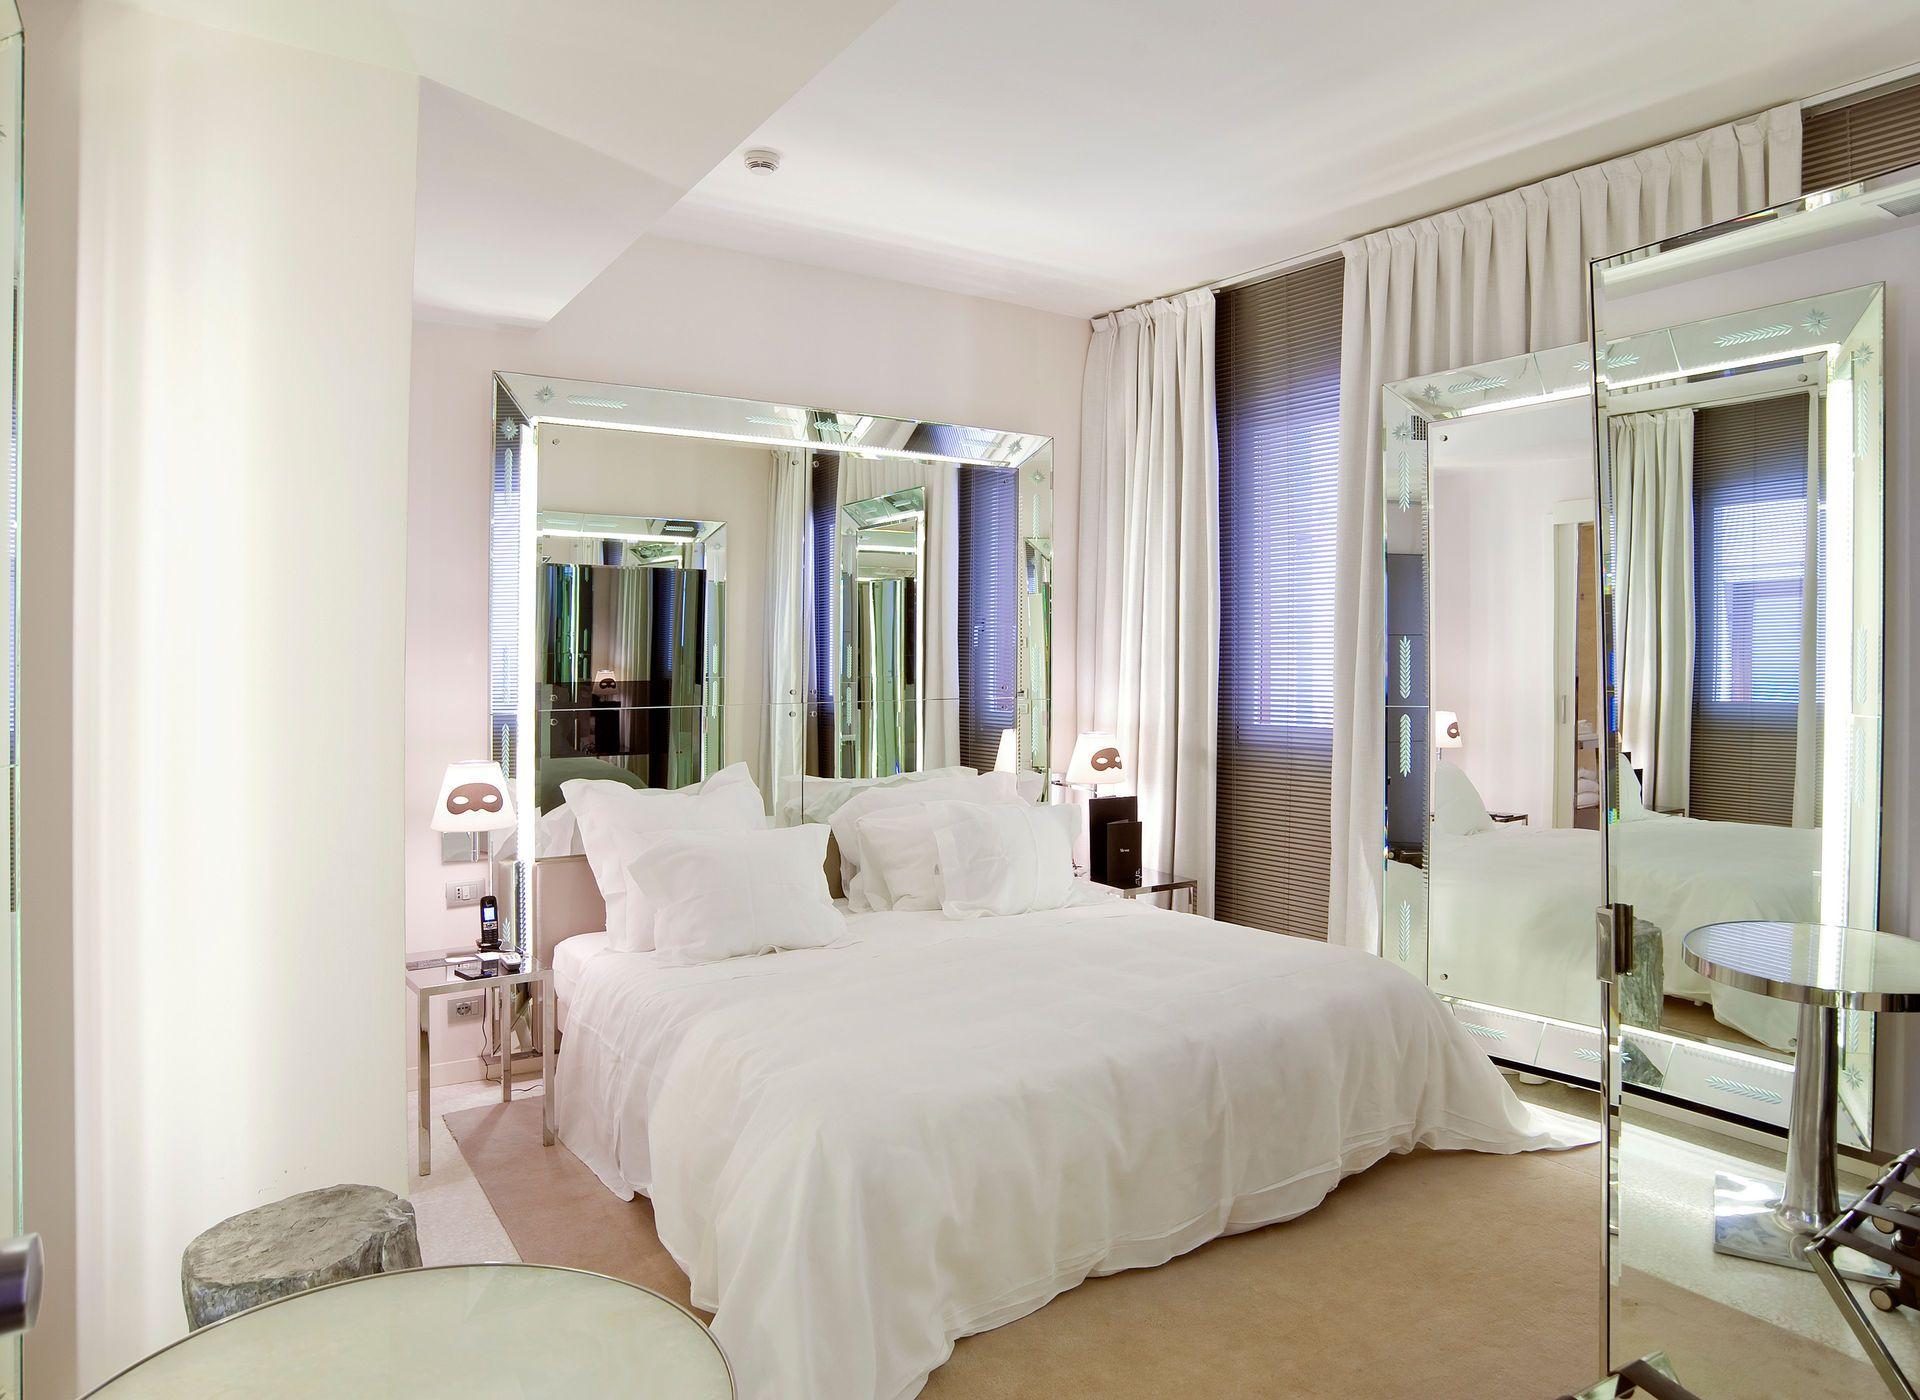 Palazzina G Venice, Italy Bedroom City Hip Hotels Italy Luxury ...